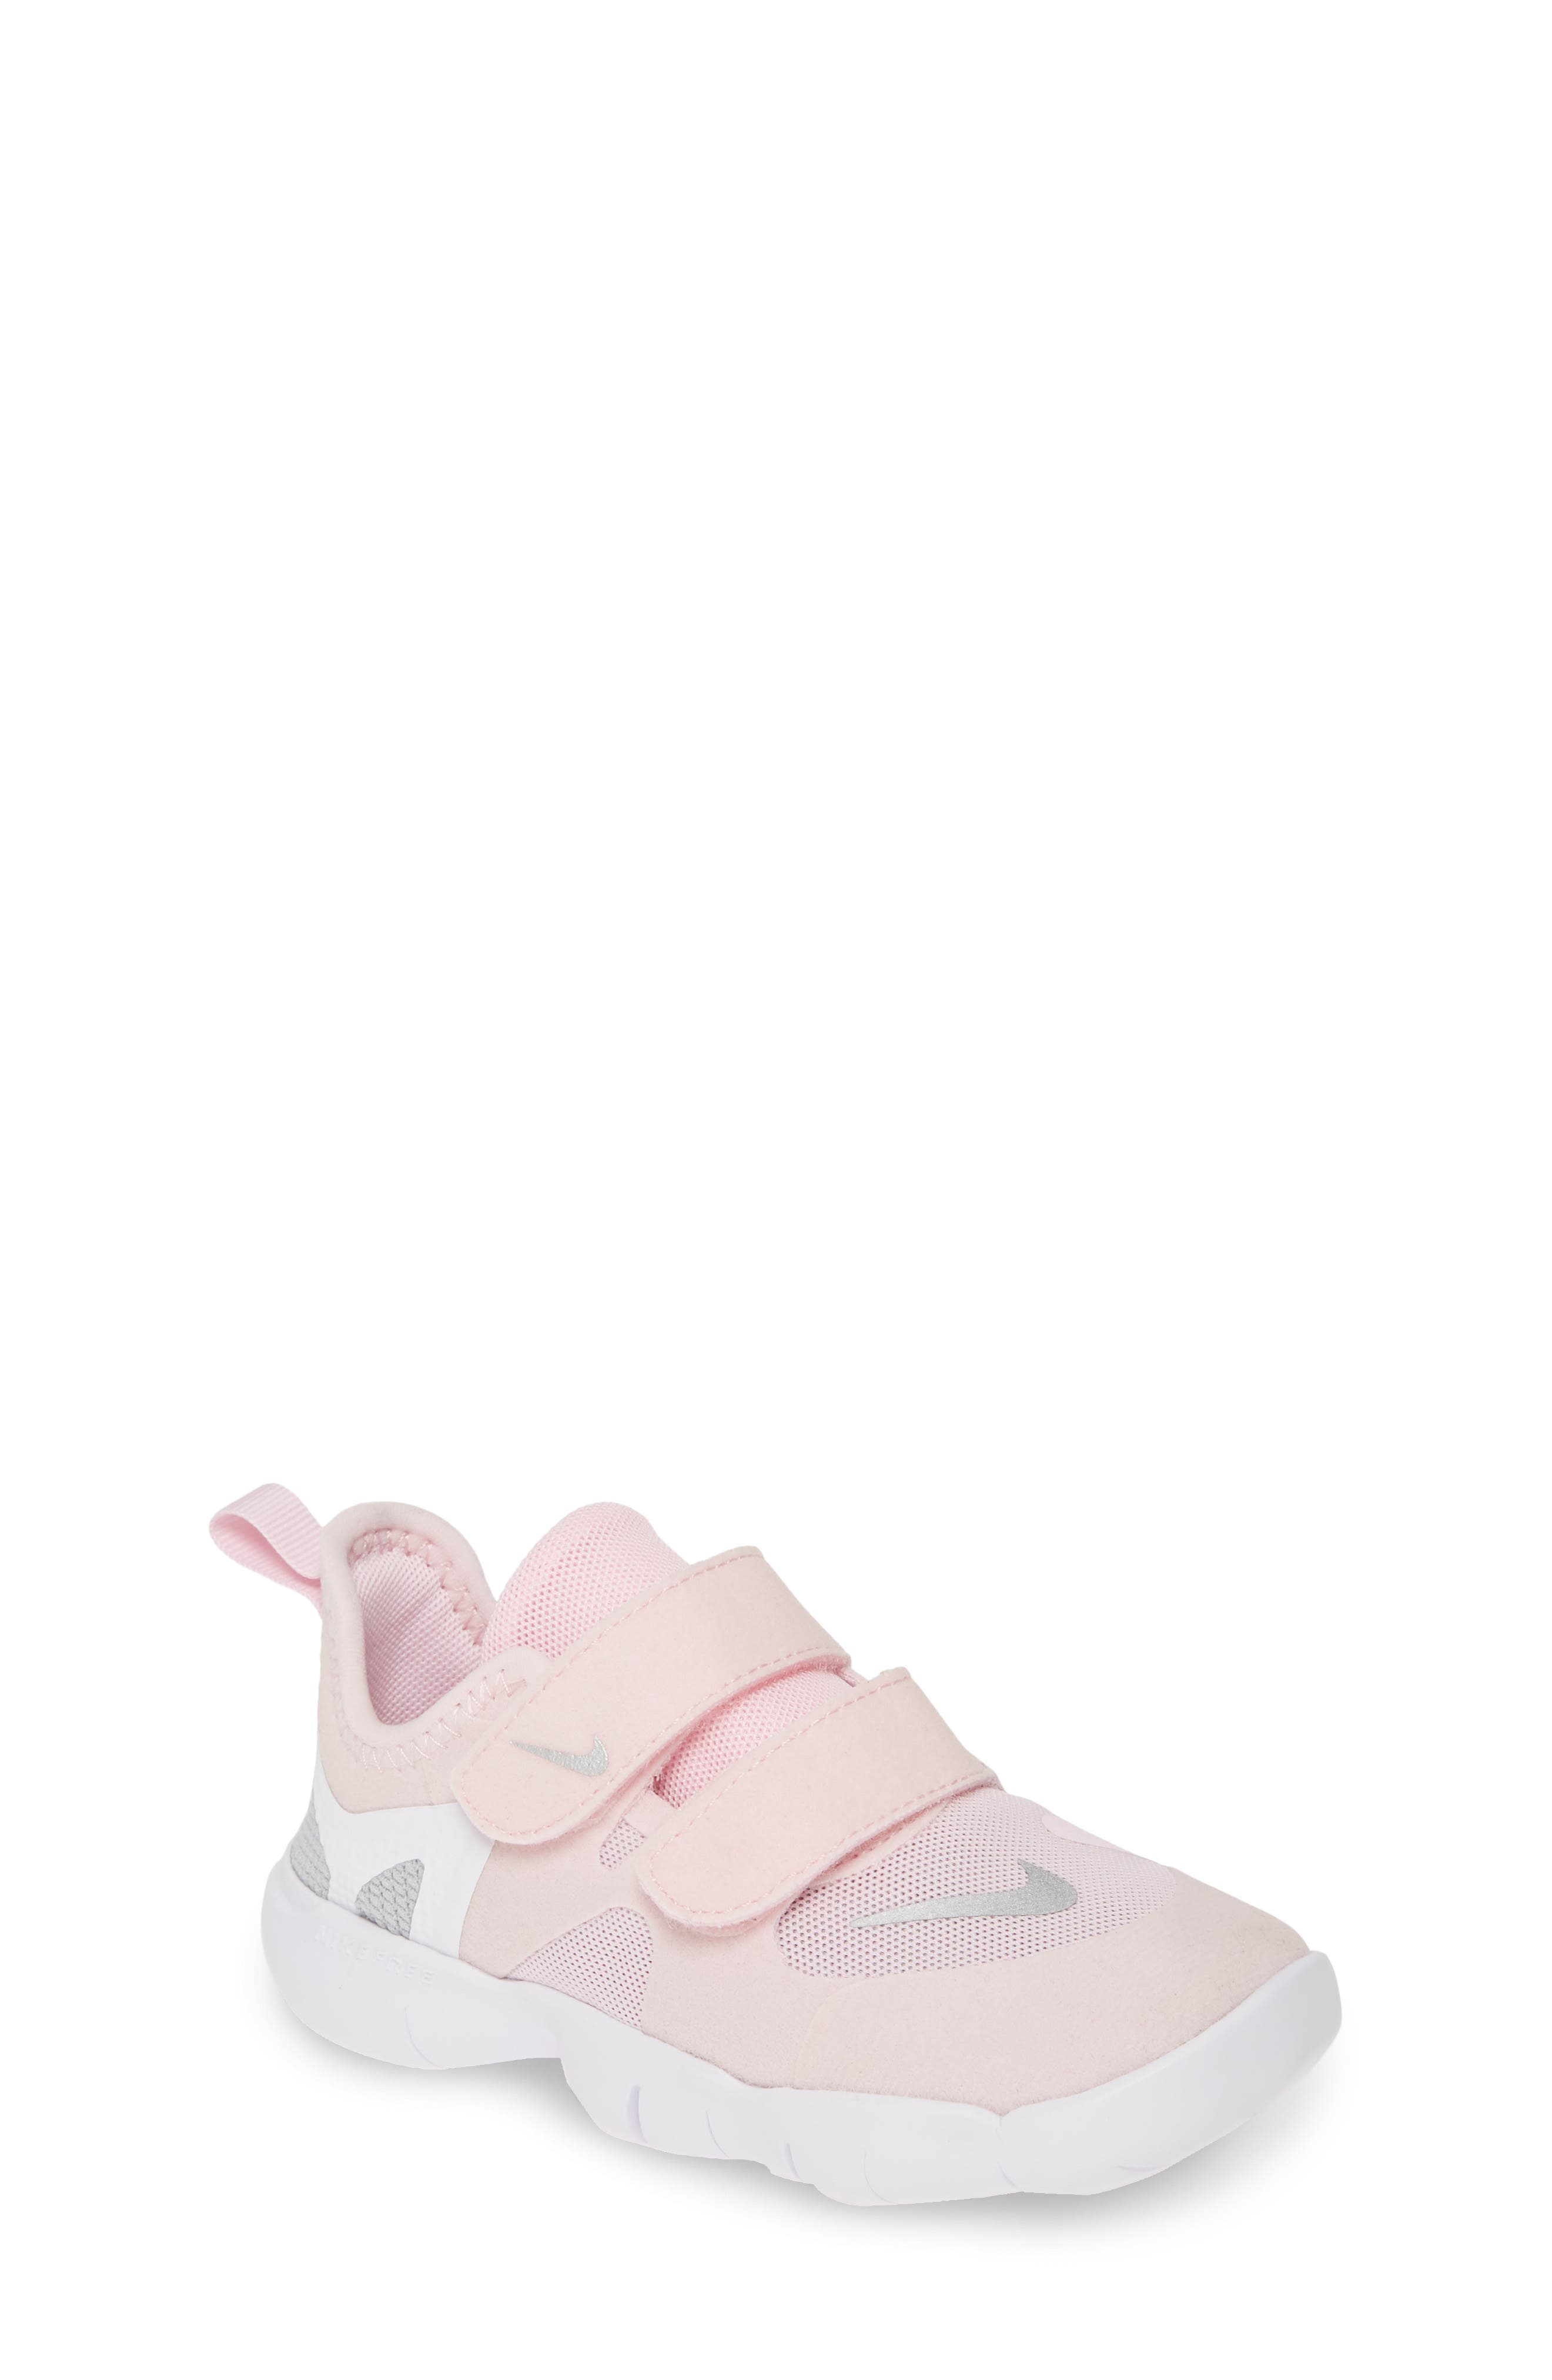 Toddler Nike Free Run 50 Sneaker Size 135 M  Pink